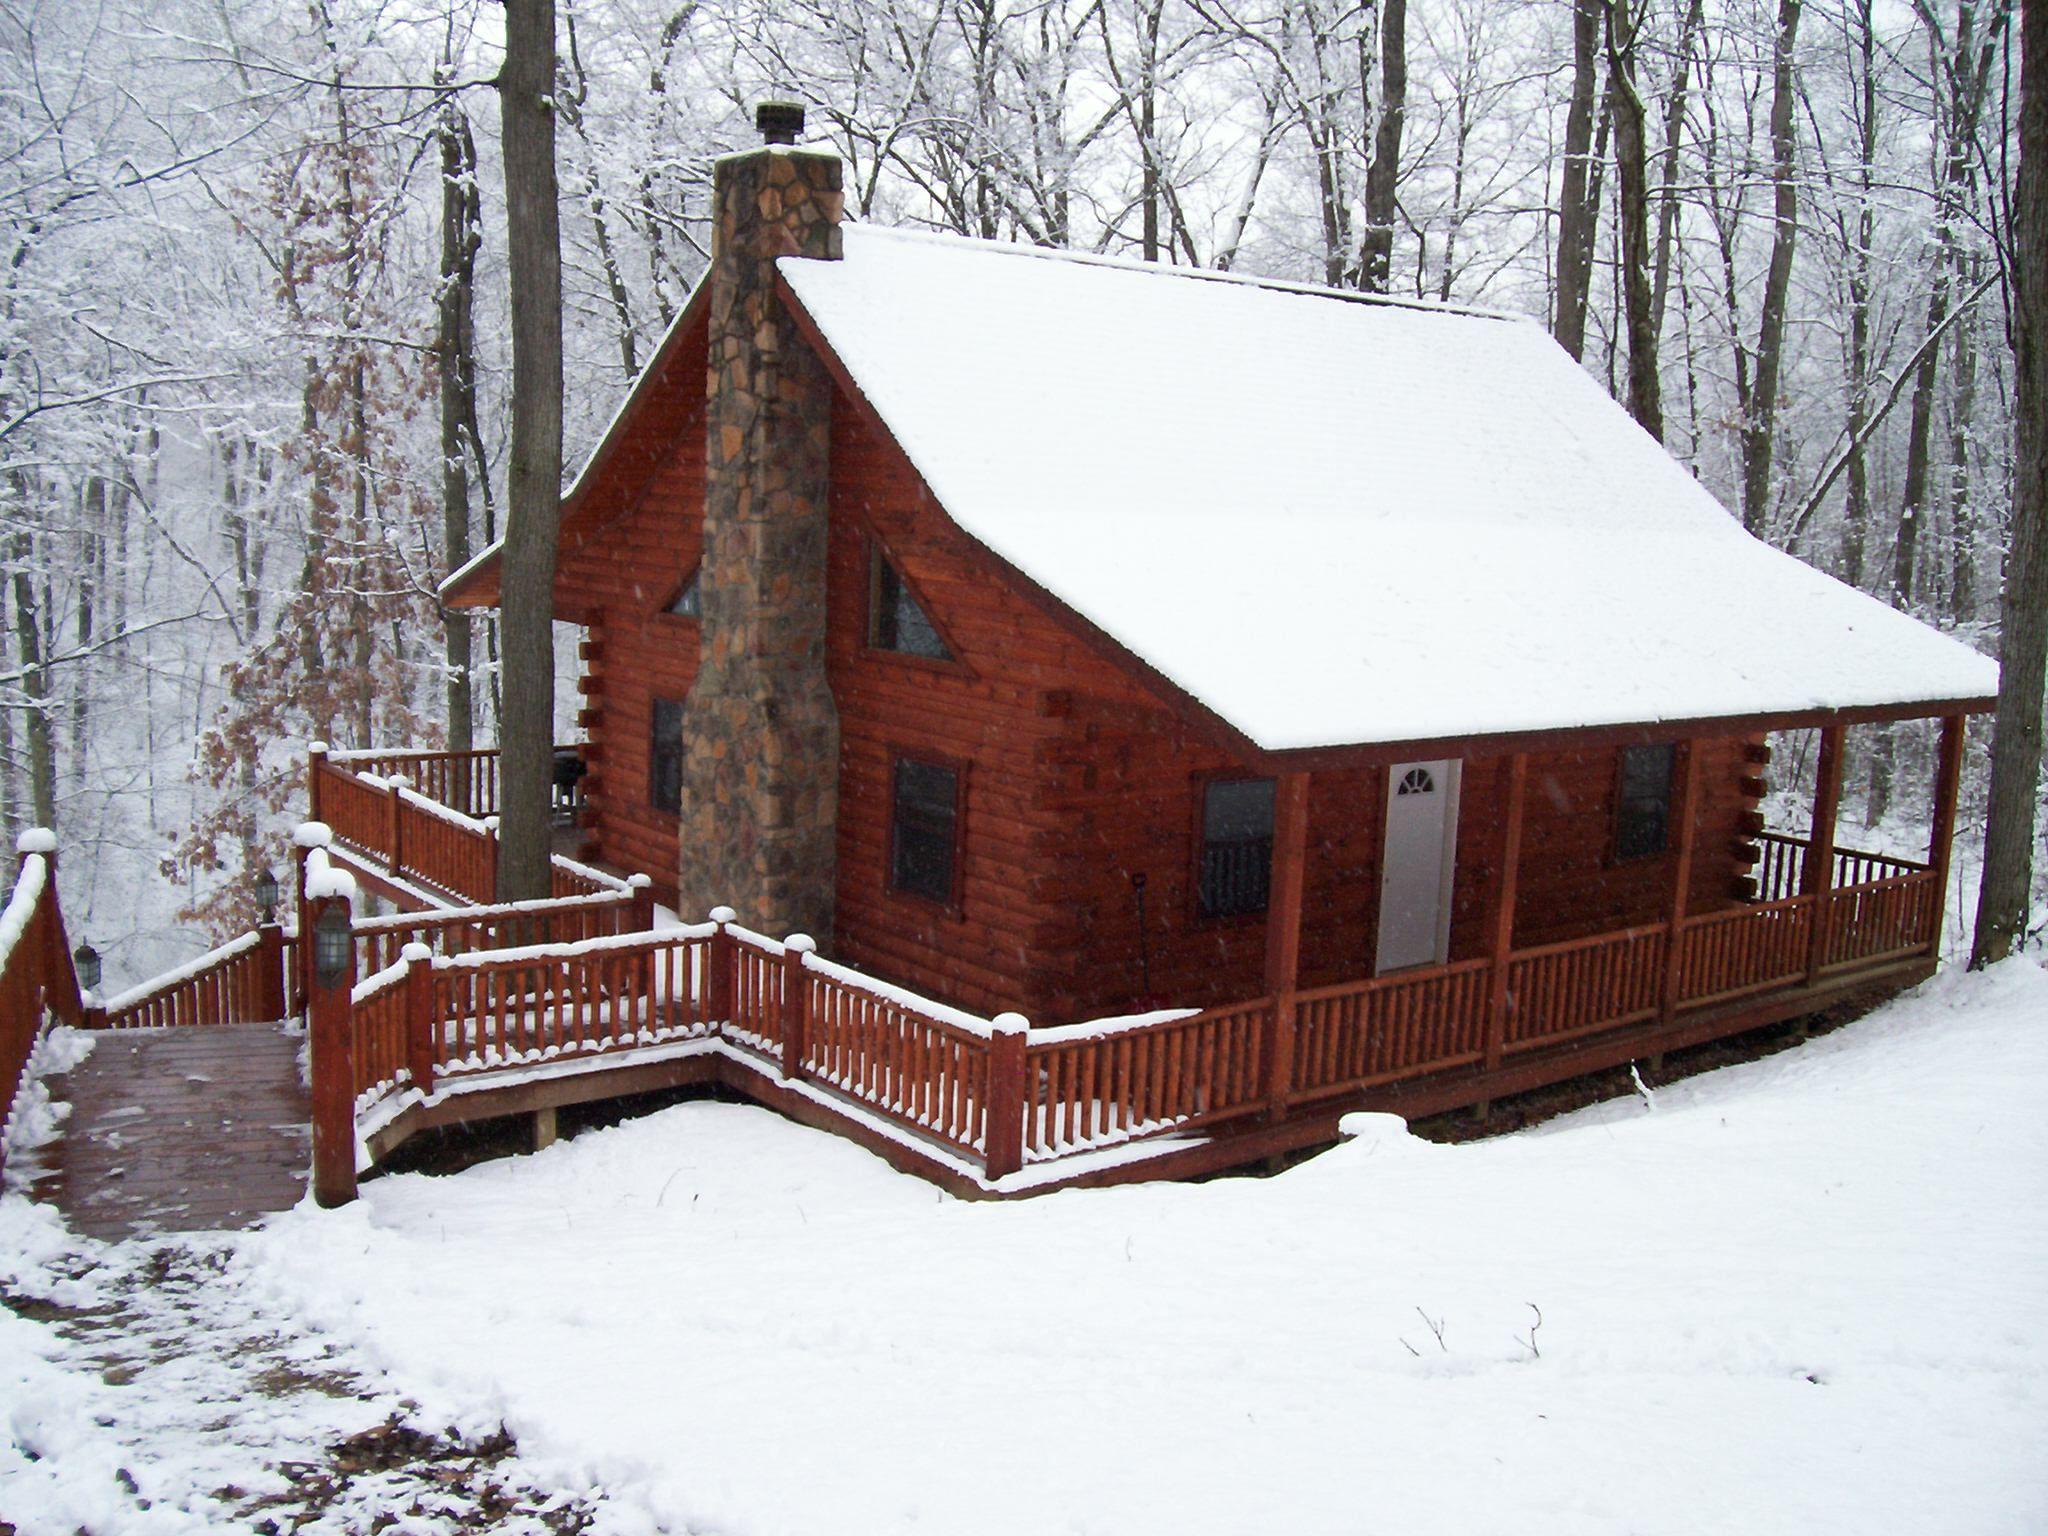 cabins buren trip sweet cabin for ohio getaways van anniversary getaway your romantic in